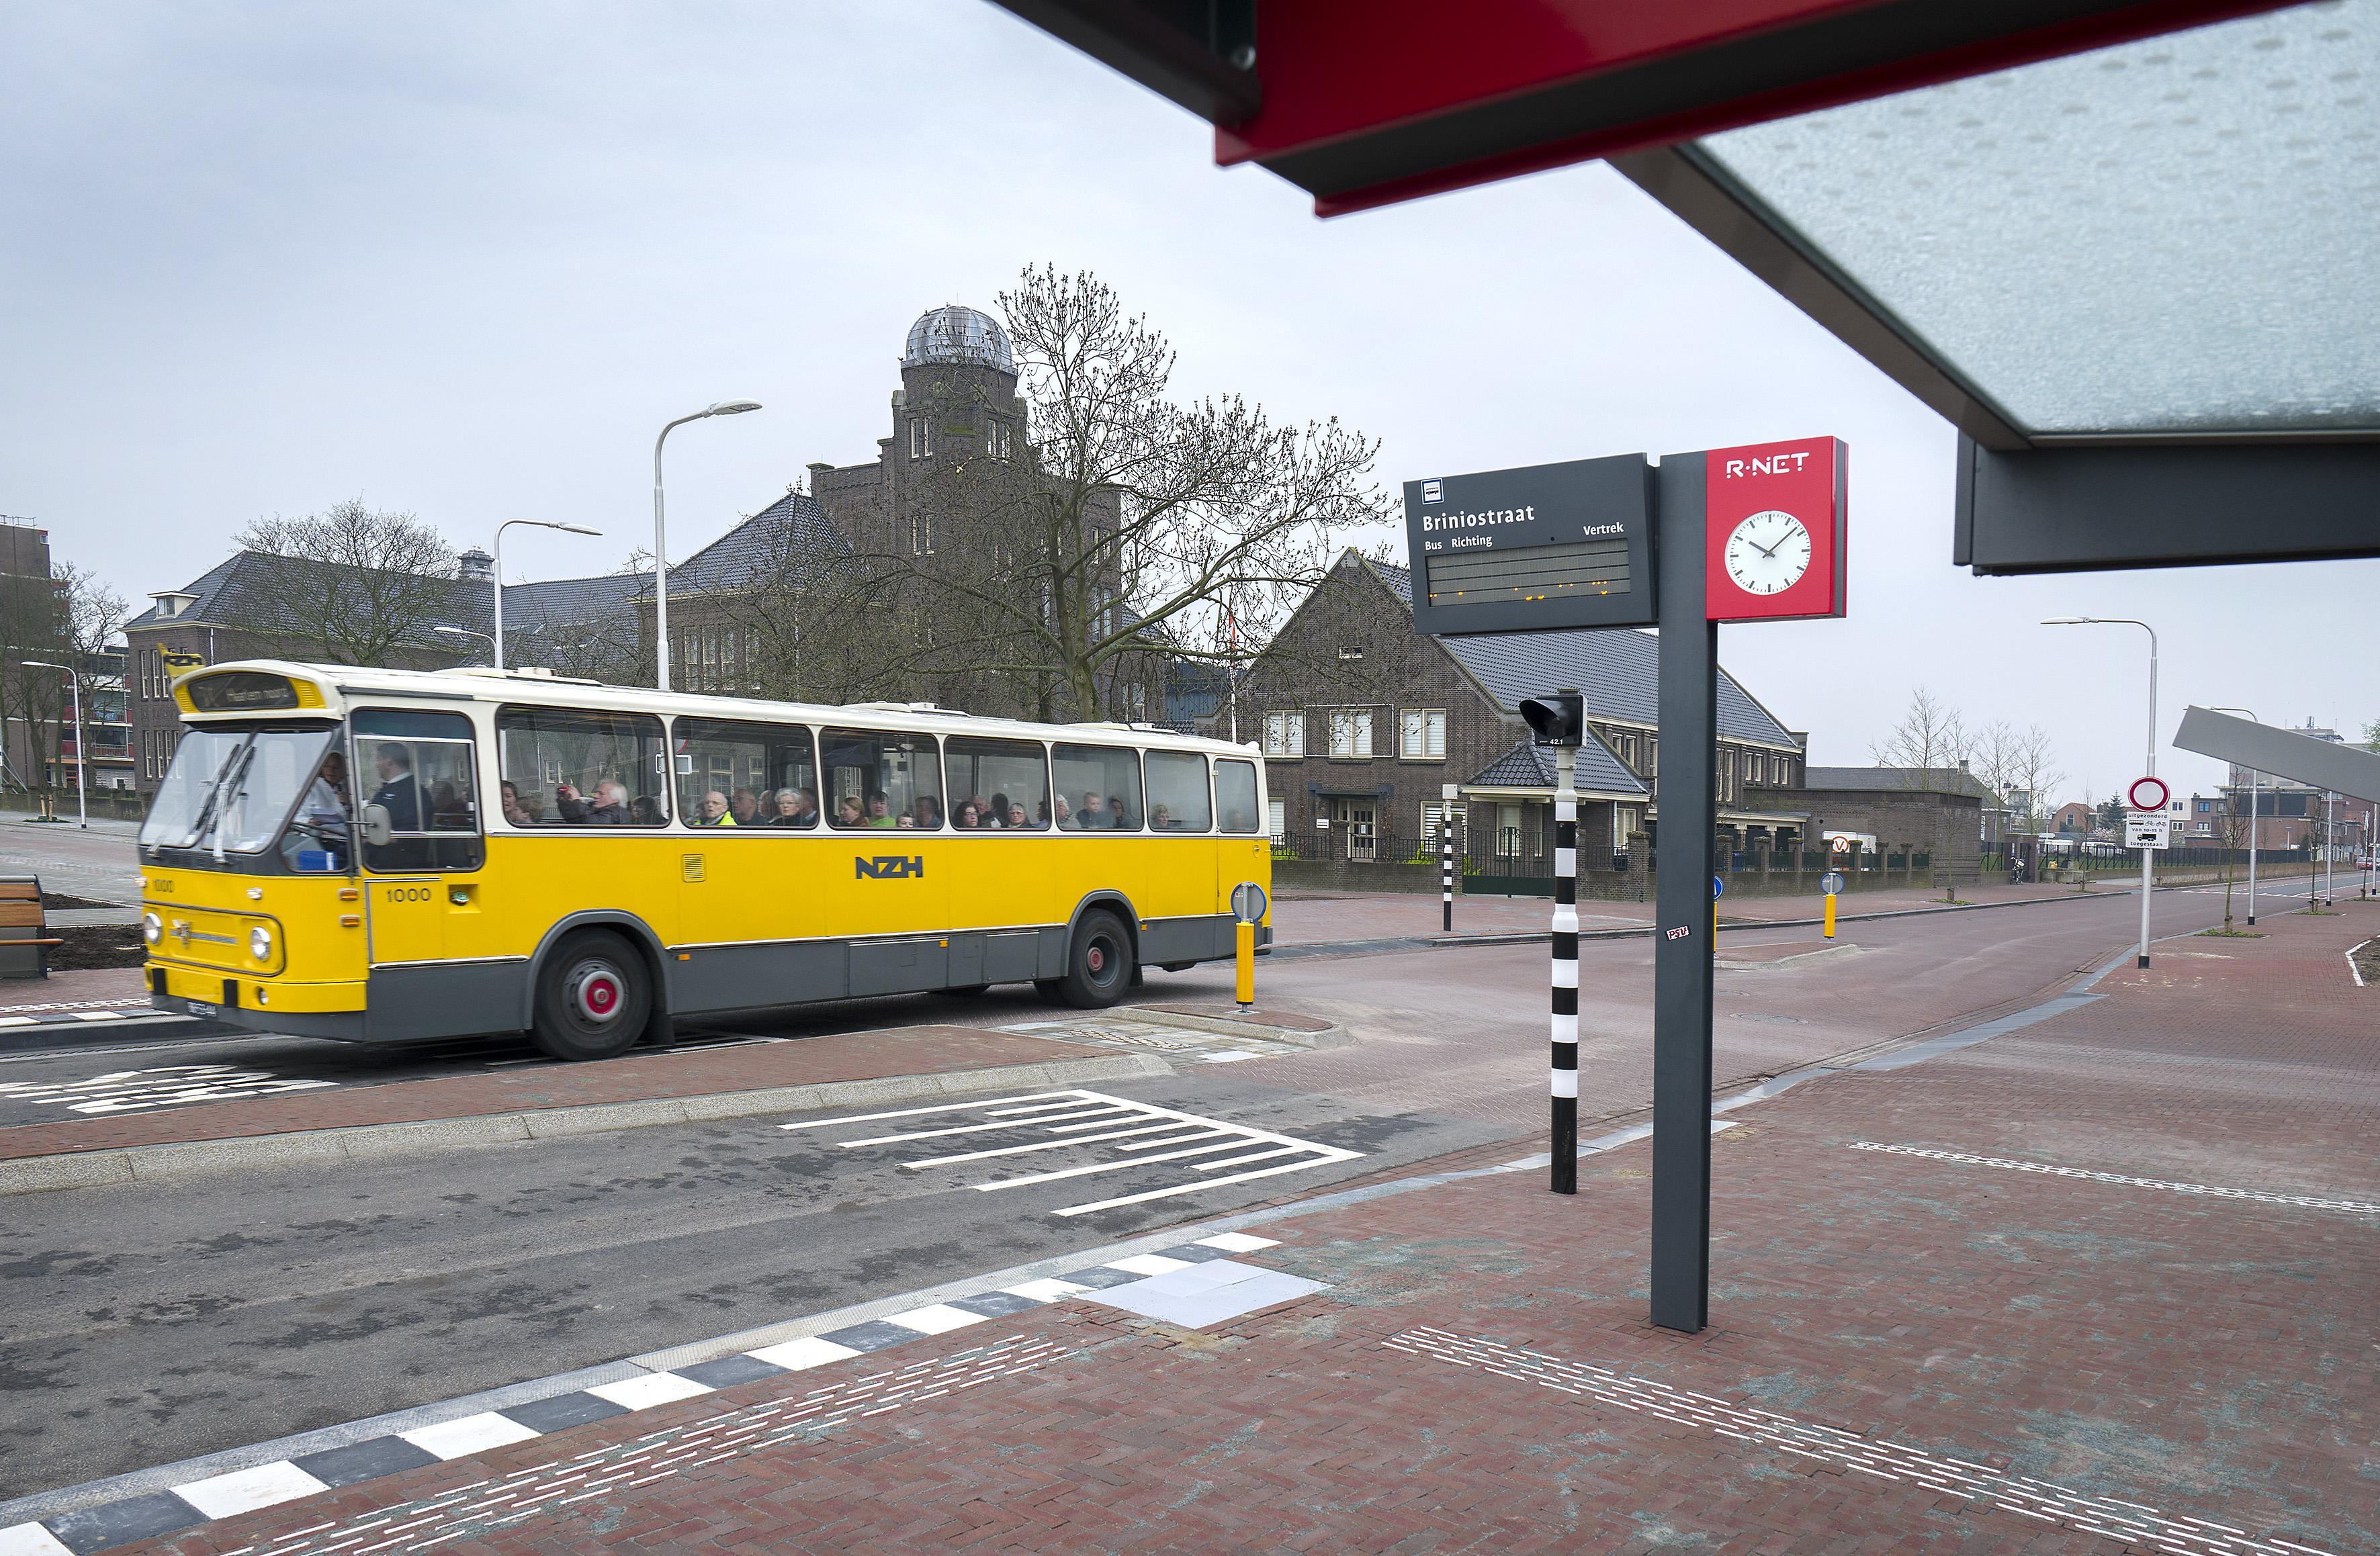 Horkerige buschauffeurs zijn van alle tijden | Column